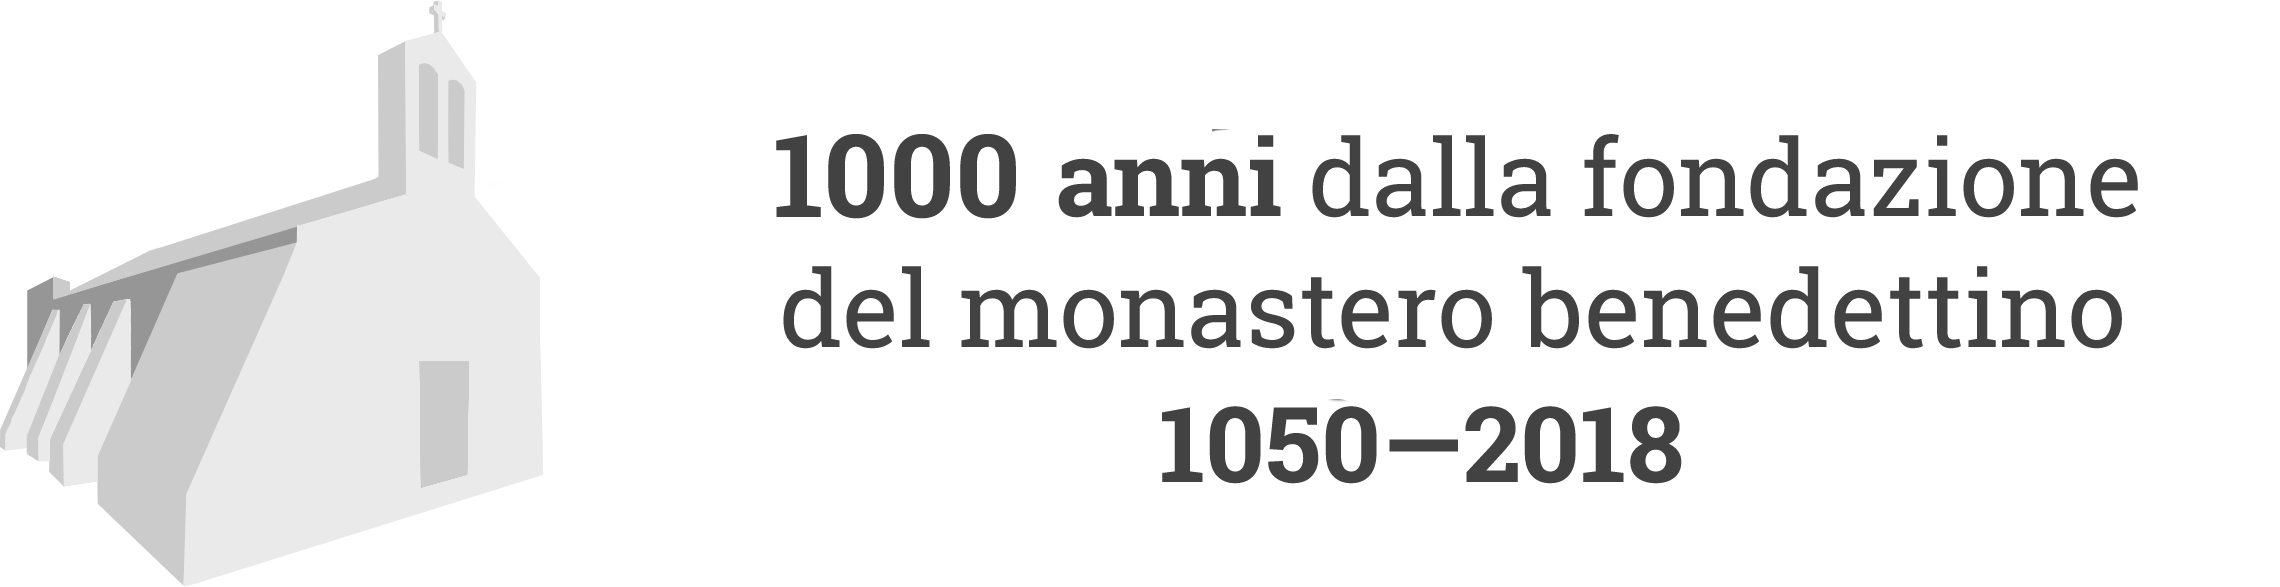 Migliaia di anni dalla fondazione del monastero benedettino a Biševo